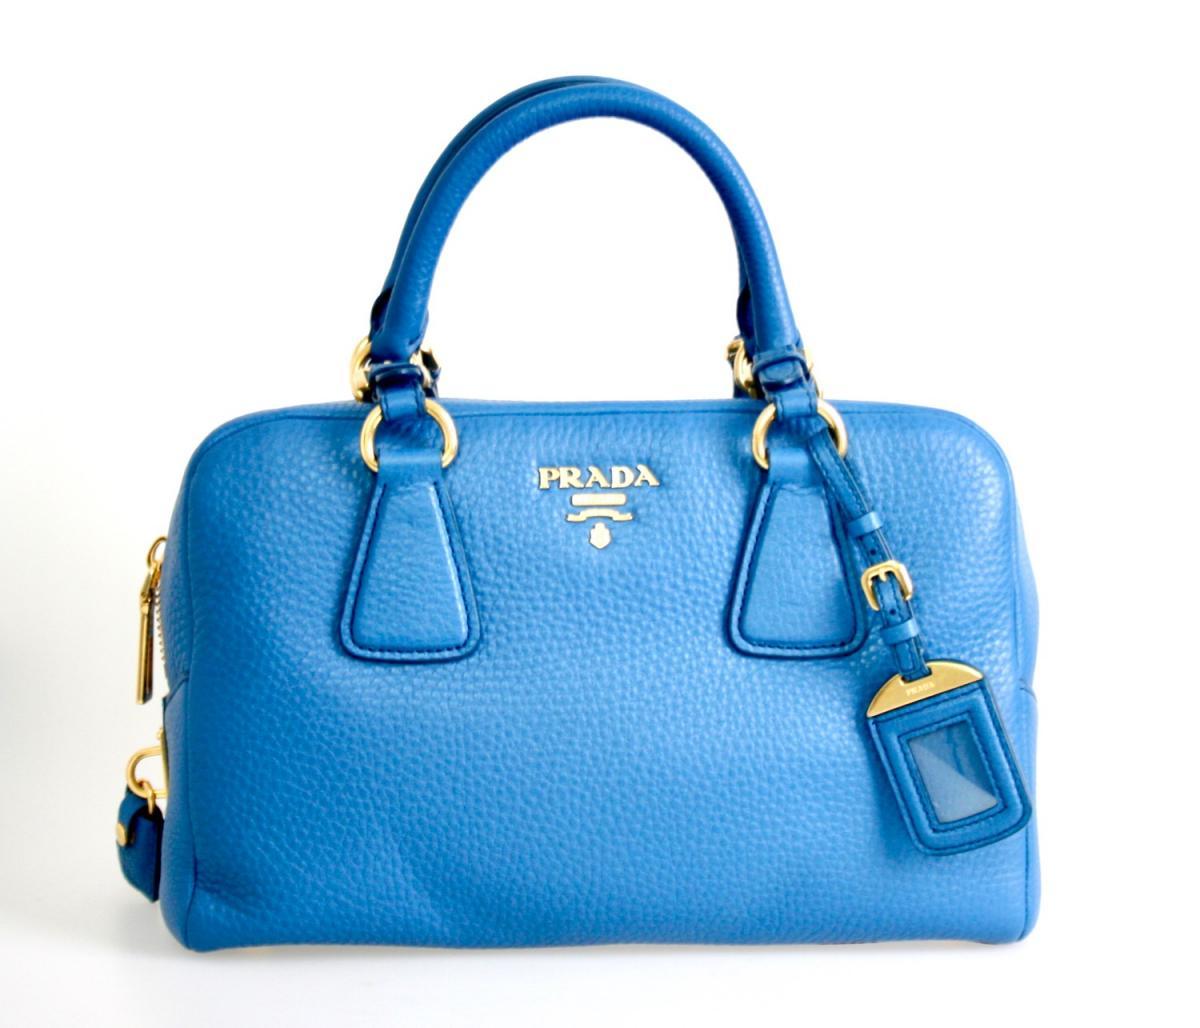 luxus prada schulter tasche handtasche b3091m blau neu new. Black Bedroom Furniture Sets. Home Design Ideas